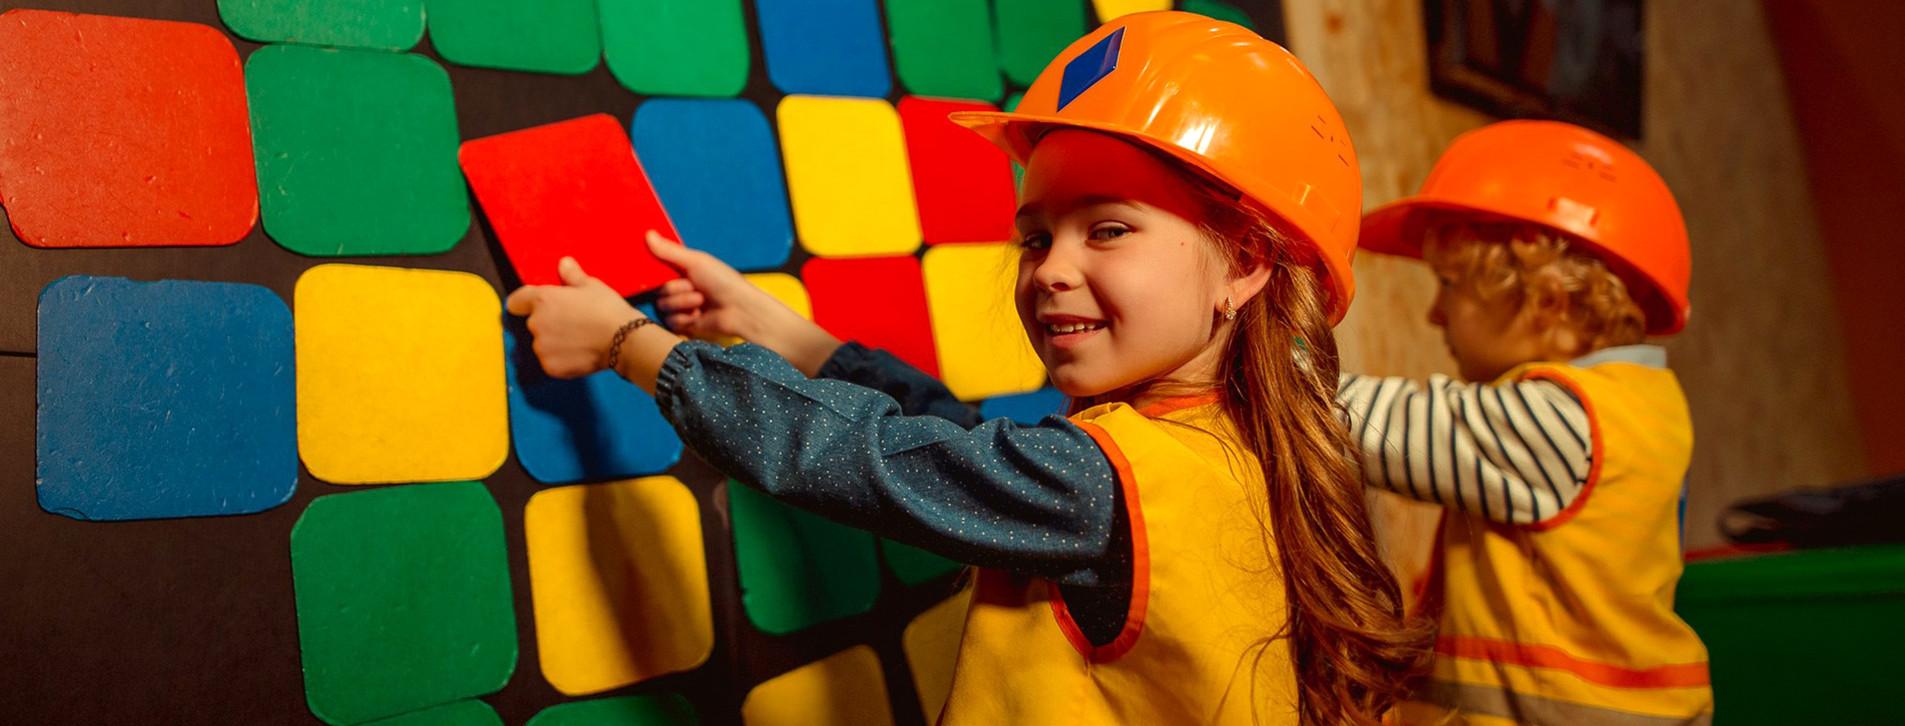 Фото 1 - Детский город профессий